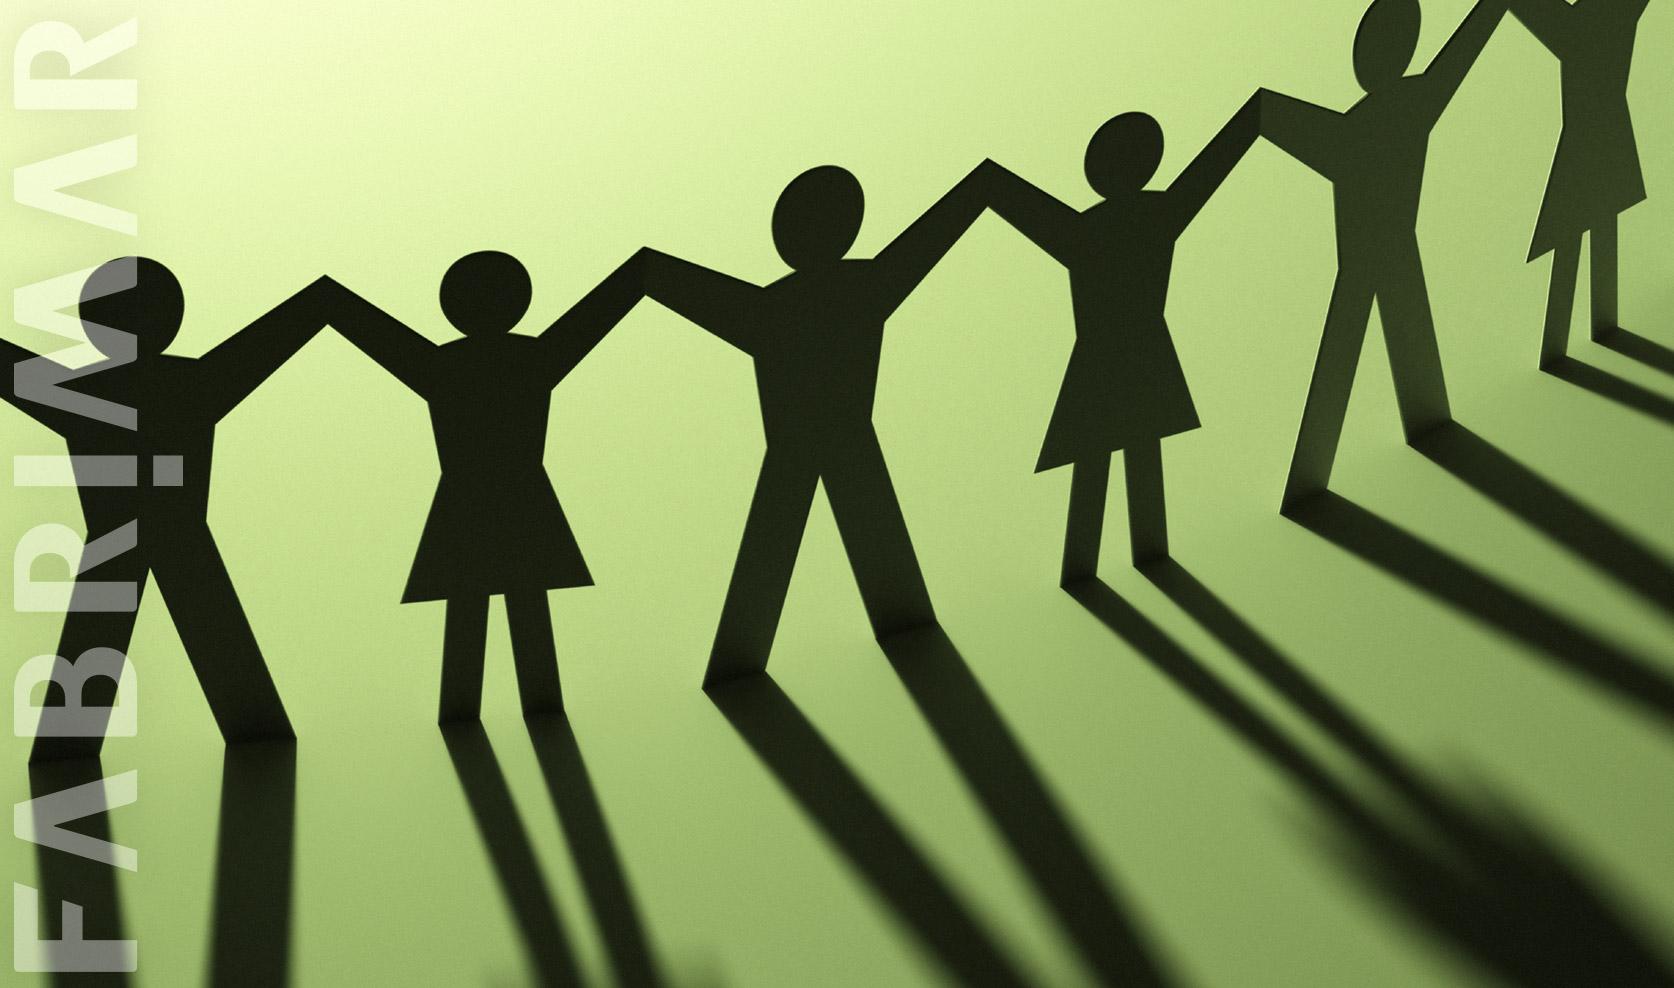 Quem Somos Responsabilidade Social Fabrimar #92B417 1674x988 Acessorios Banheiro Fabrimar